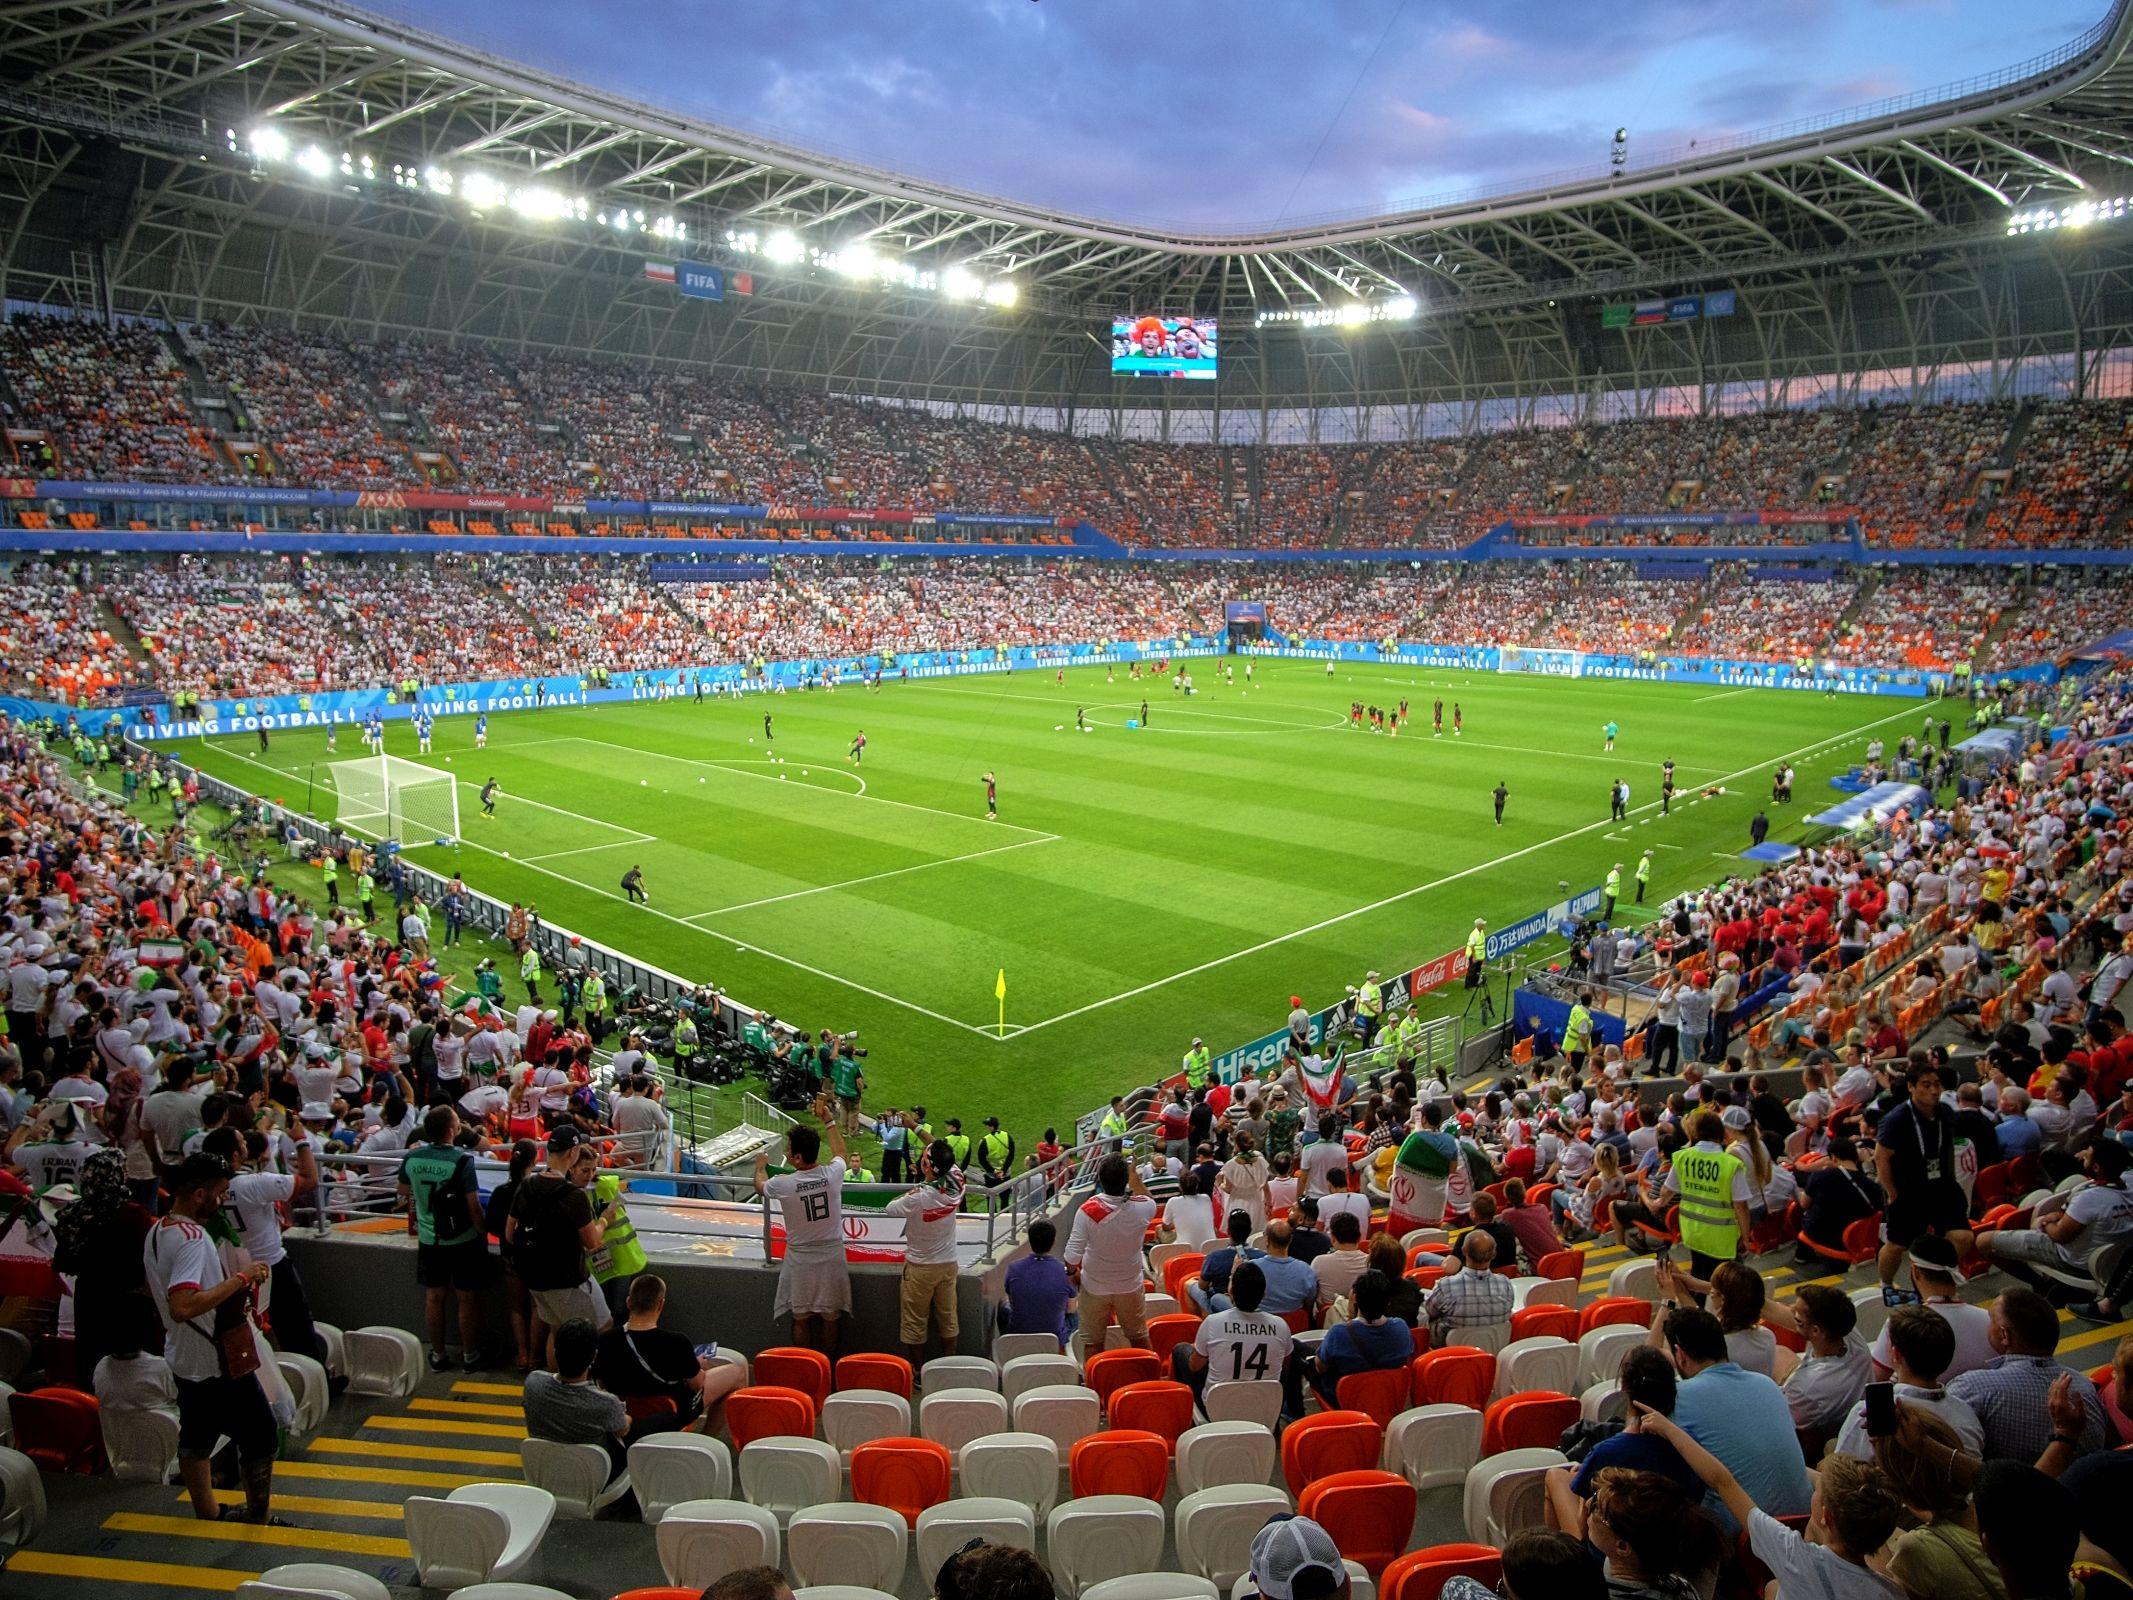 Stadion w Sarańsku tuż przed rozpoczęciem meczu grupowego mistrzostw świata w Rosji Iran-Portugalia, 25 czerwca 2018 r.